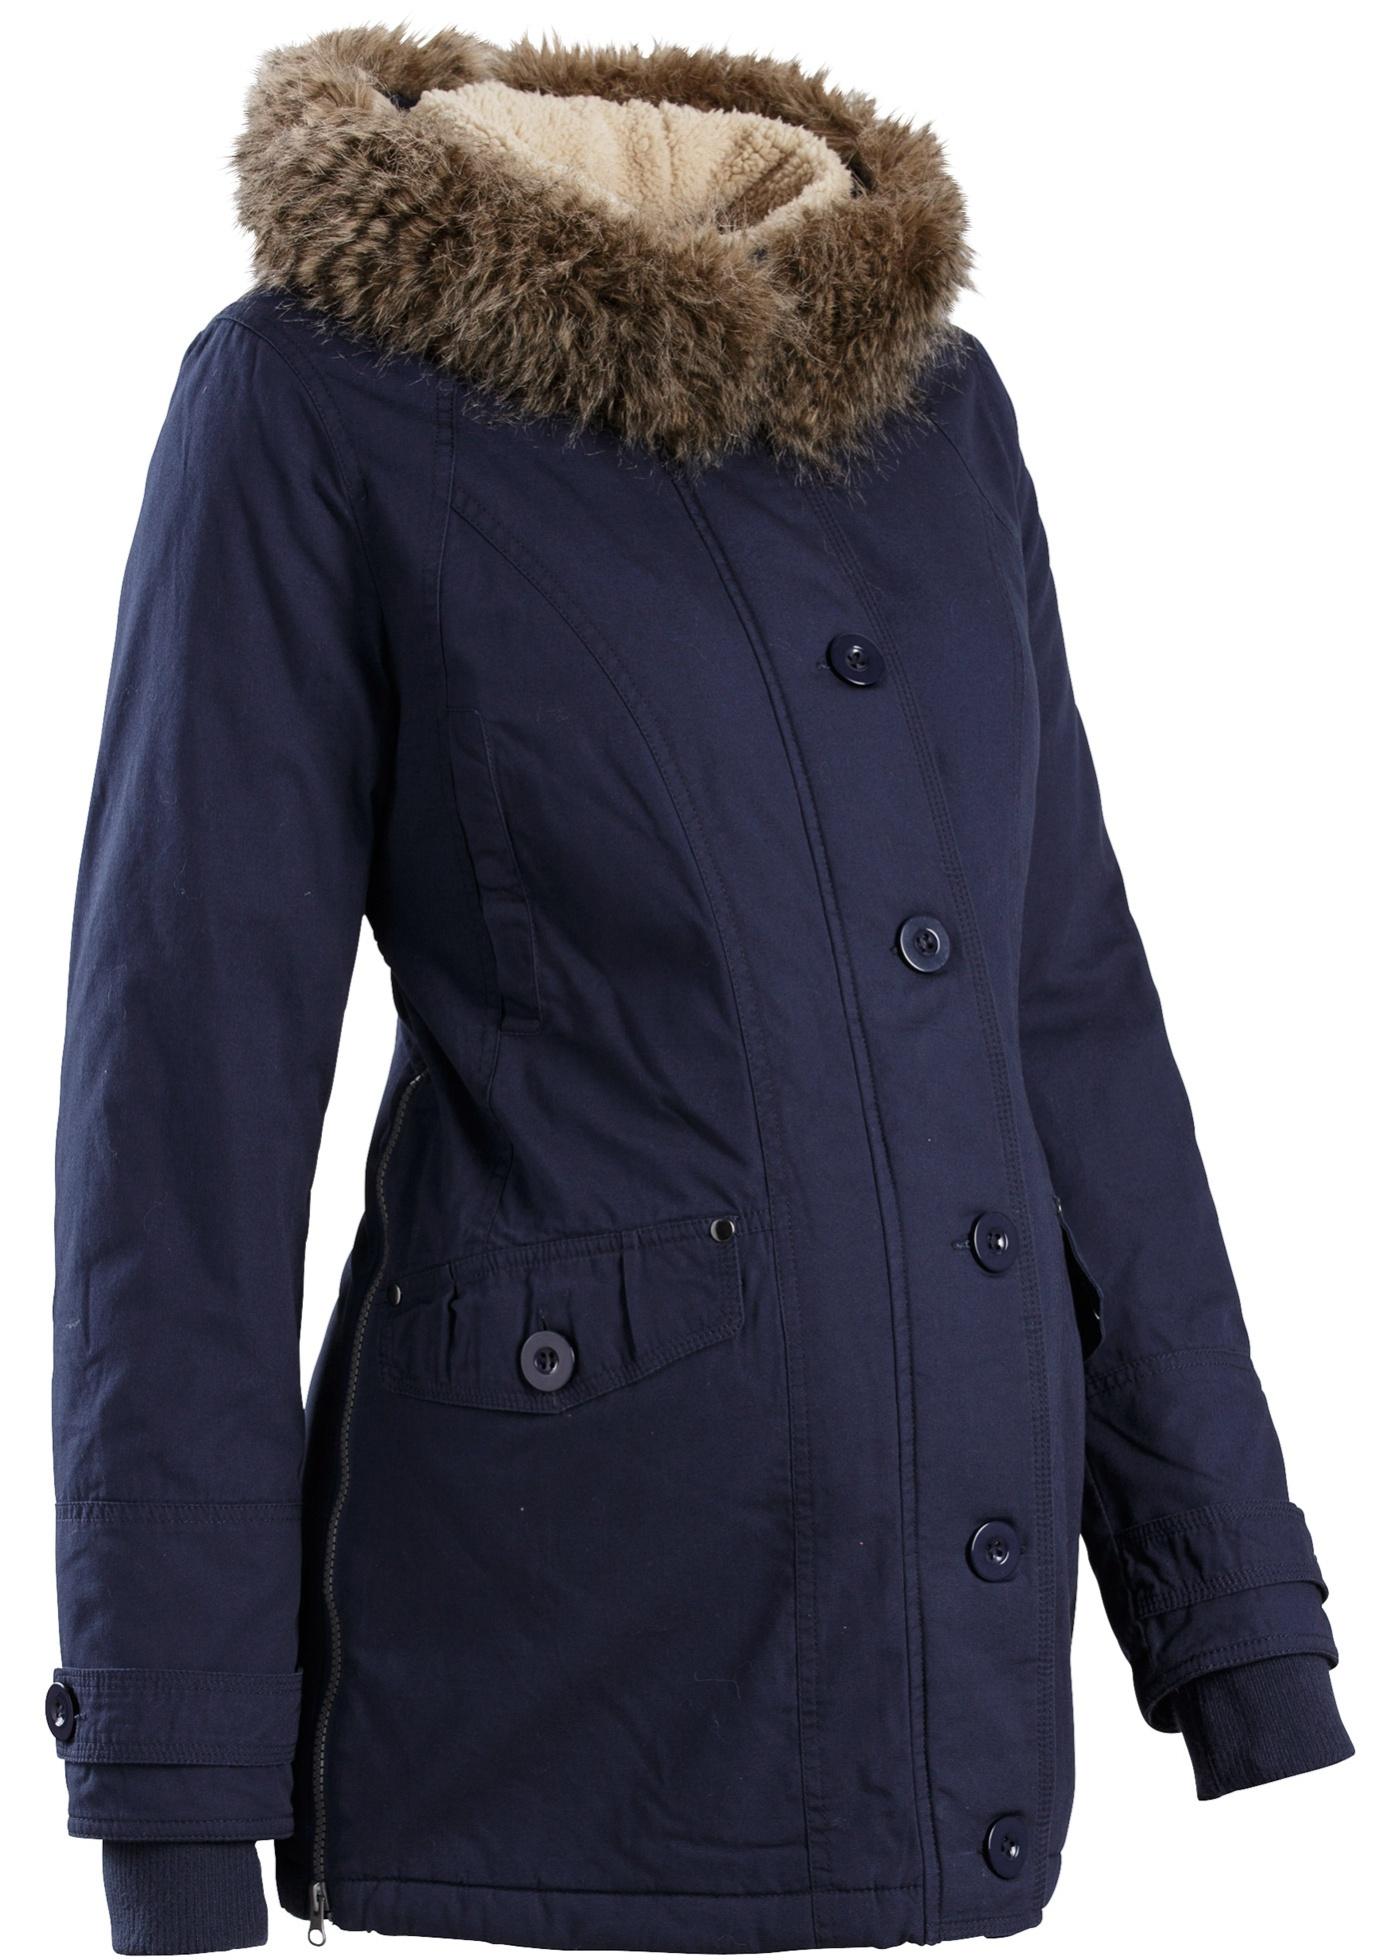 manteau de grossesse avec capuche bleu manches. Black Bedroom Furniture Sets. Home Design Ideas